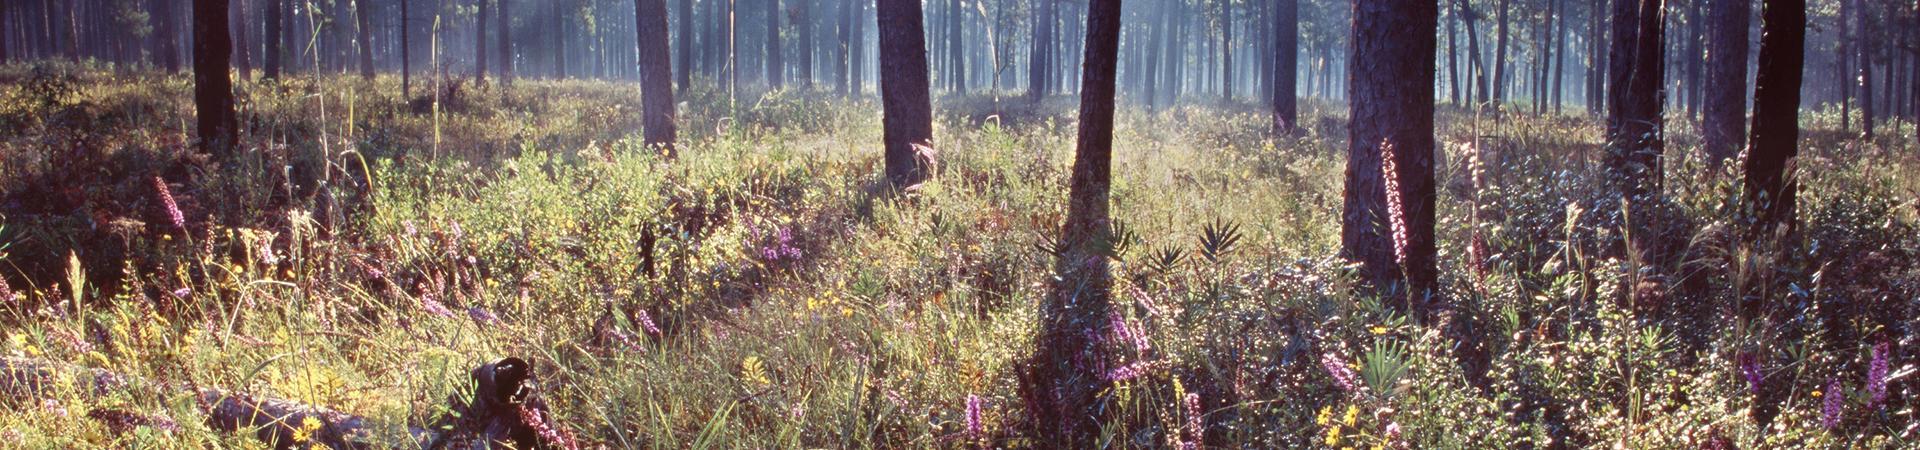 Pine Habitat